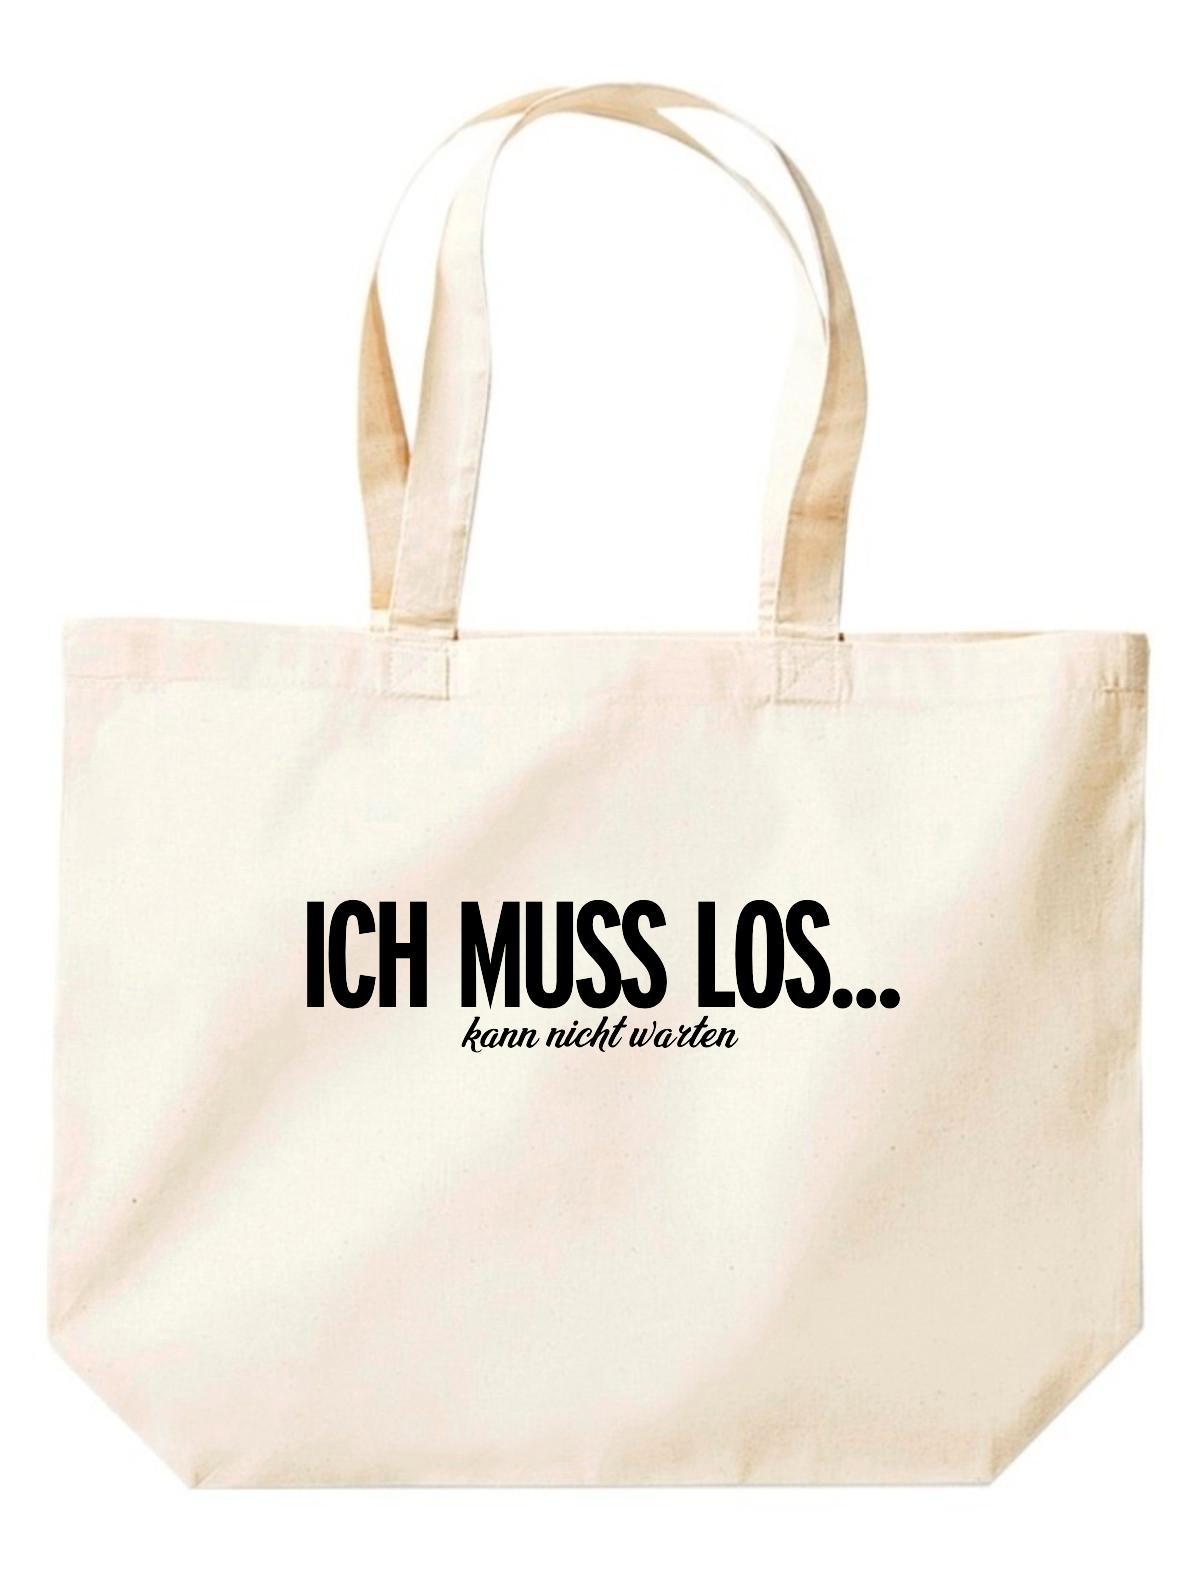 große Einkaufstasche, Shopper kultiger Spruch ich muss los ... kann nicht warten